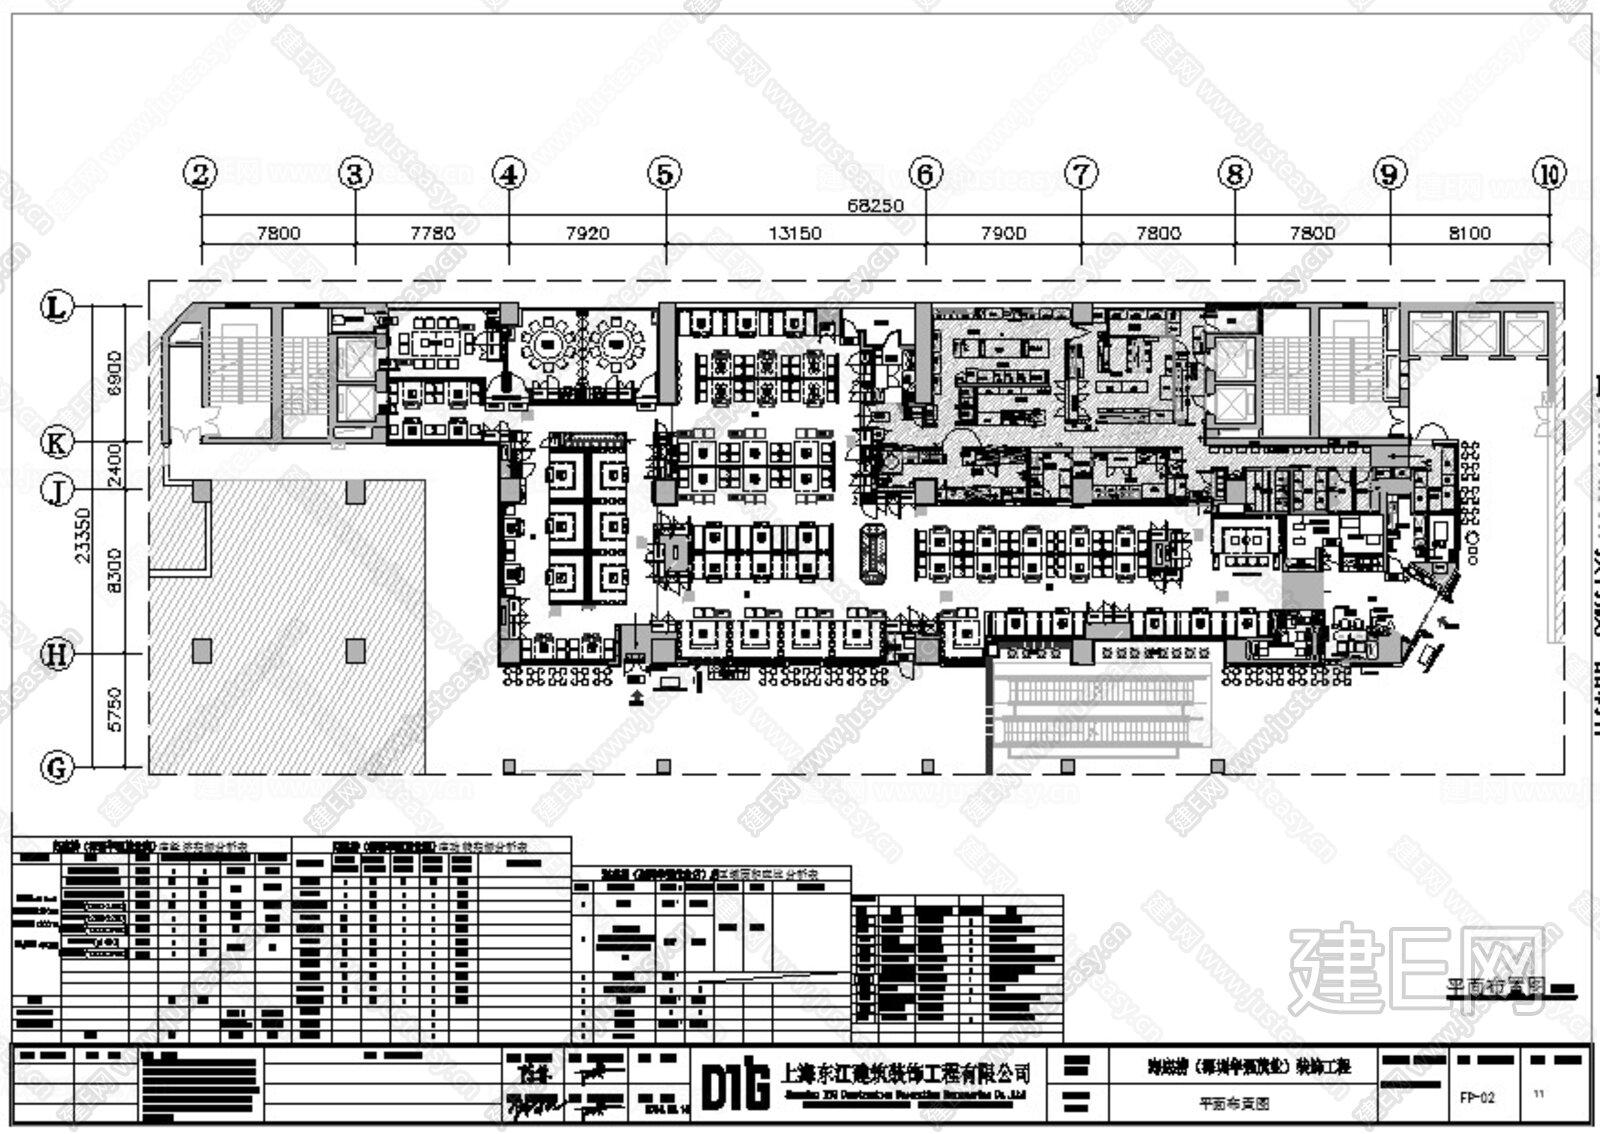 海底捞(深圳华强北店)|CAD全套施工图+效果图+物料+设计方案+机电